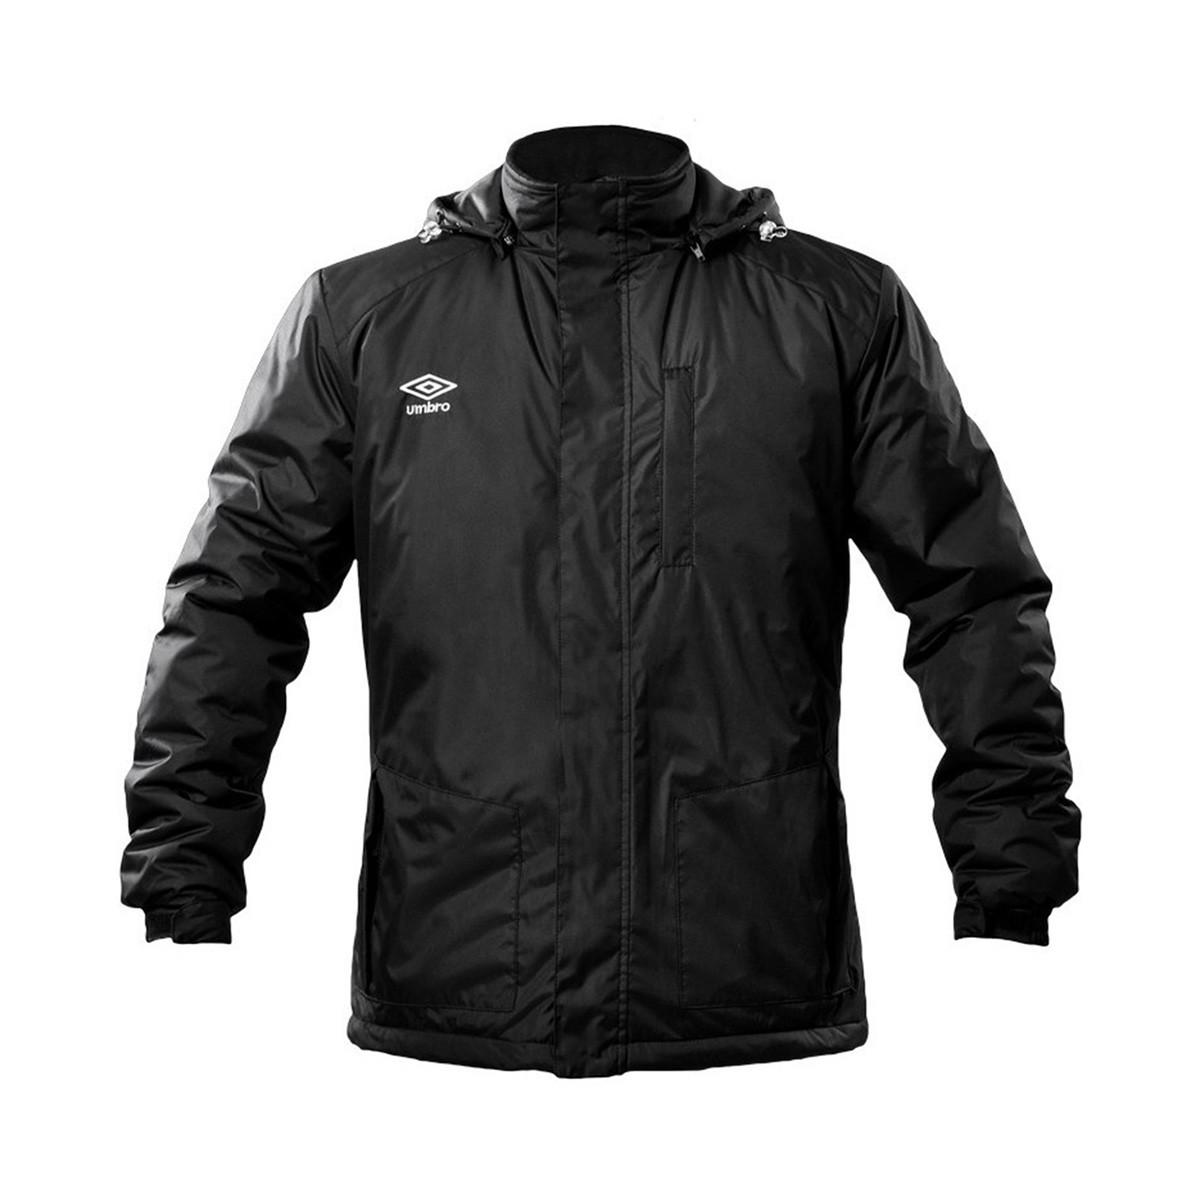 umbro black jacket